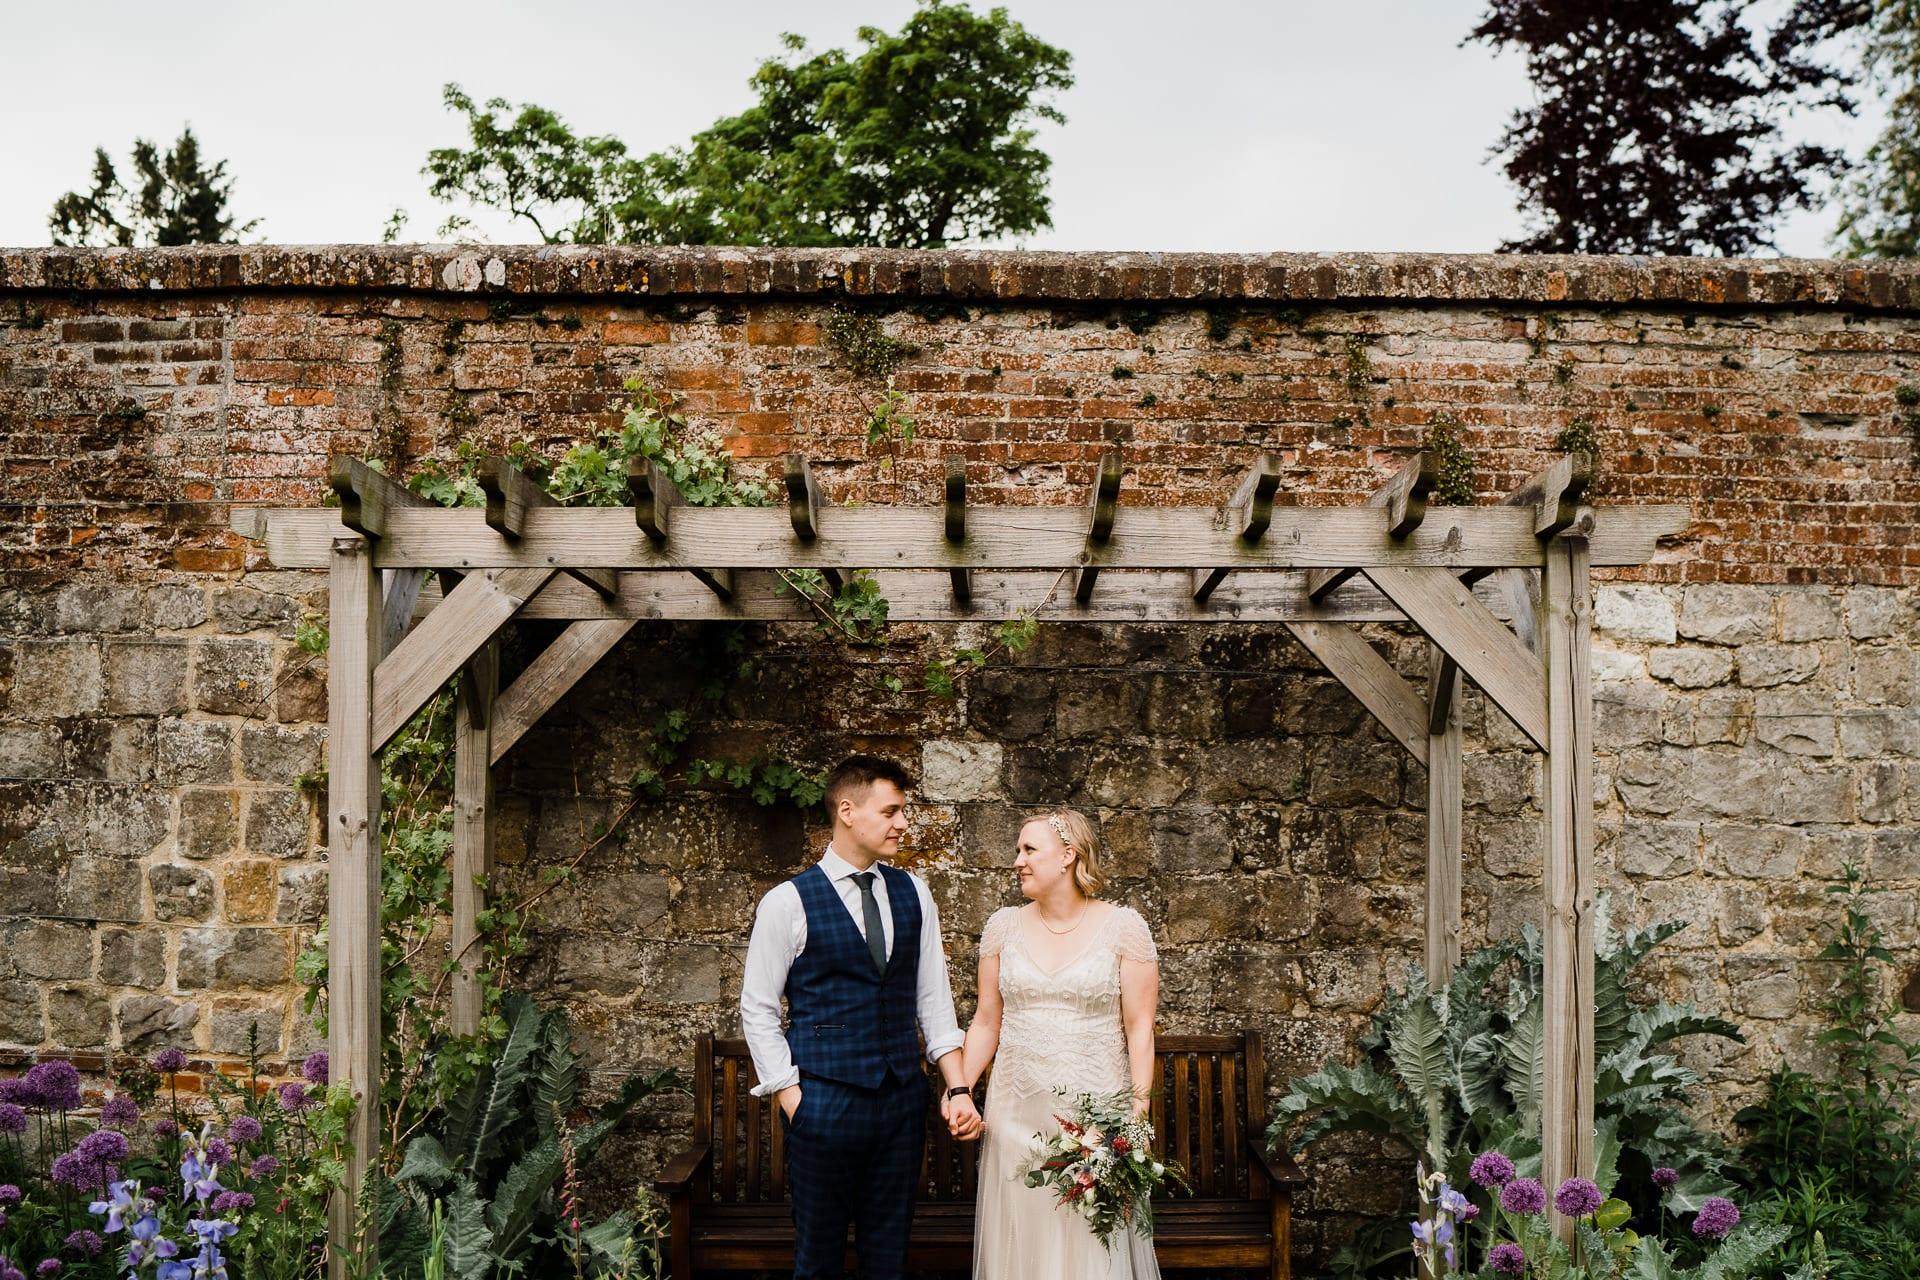 Garden wedding photography at Farnham Castle